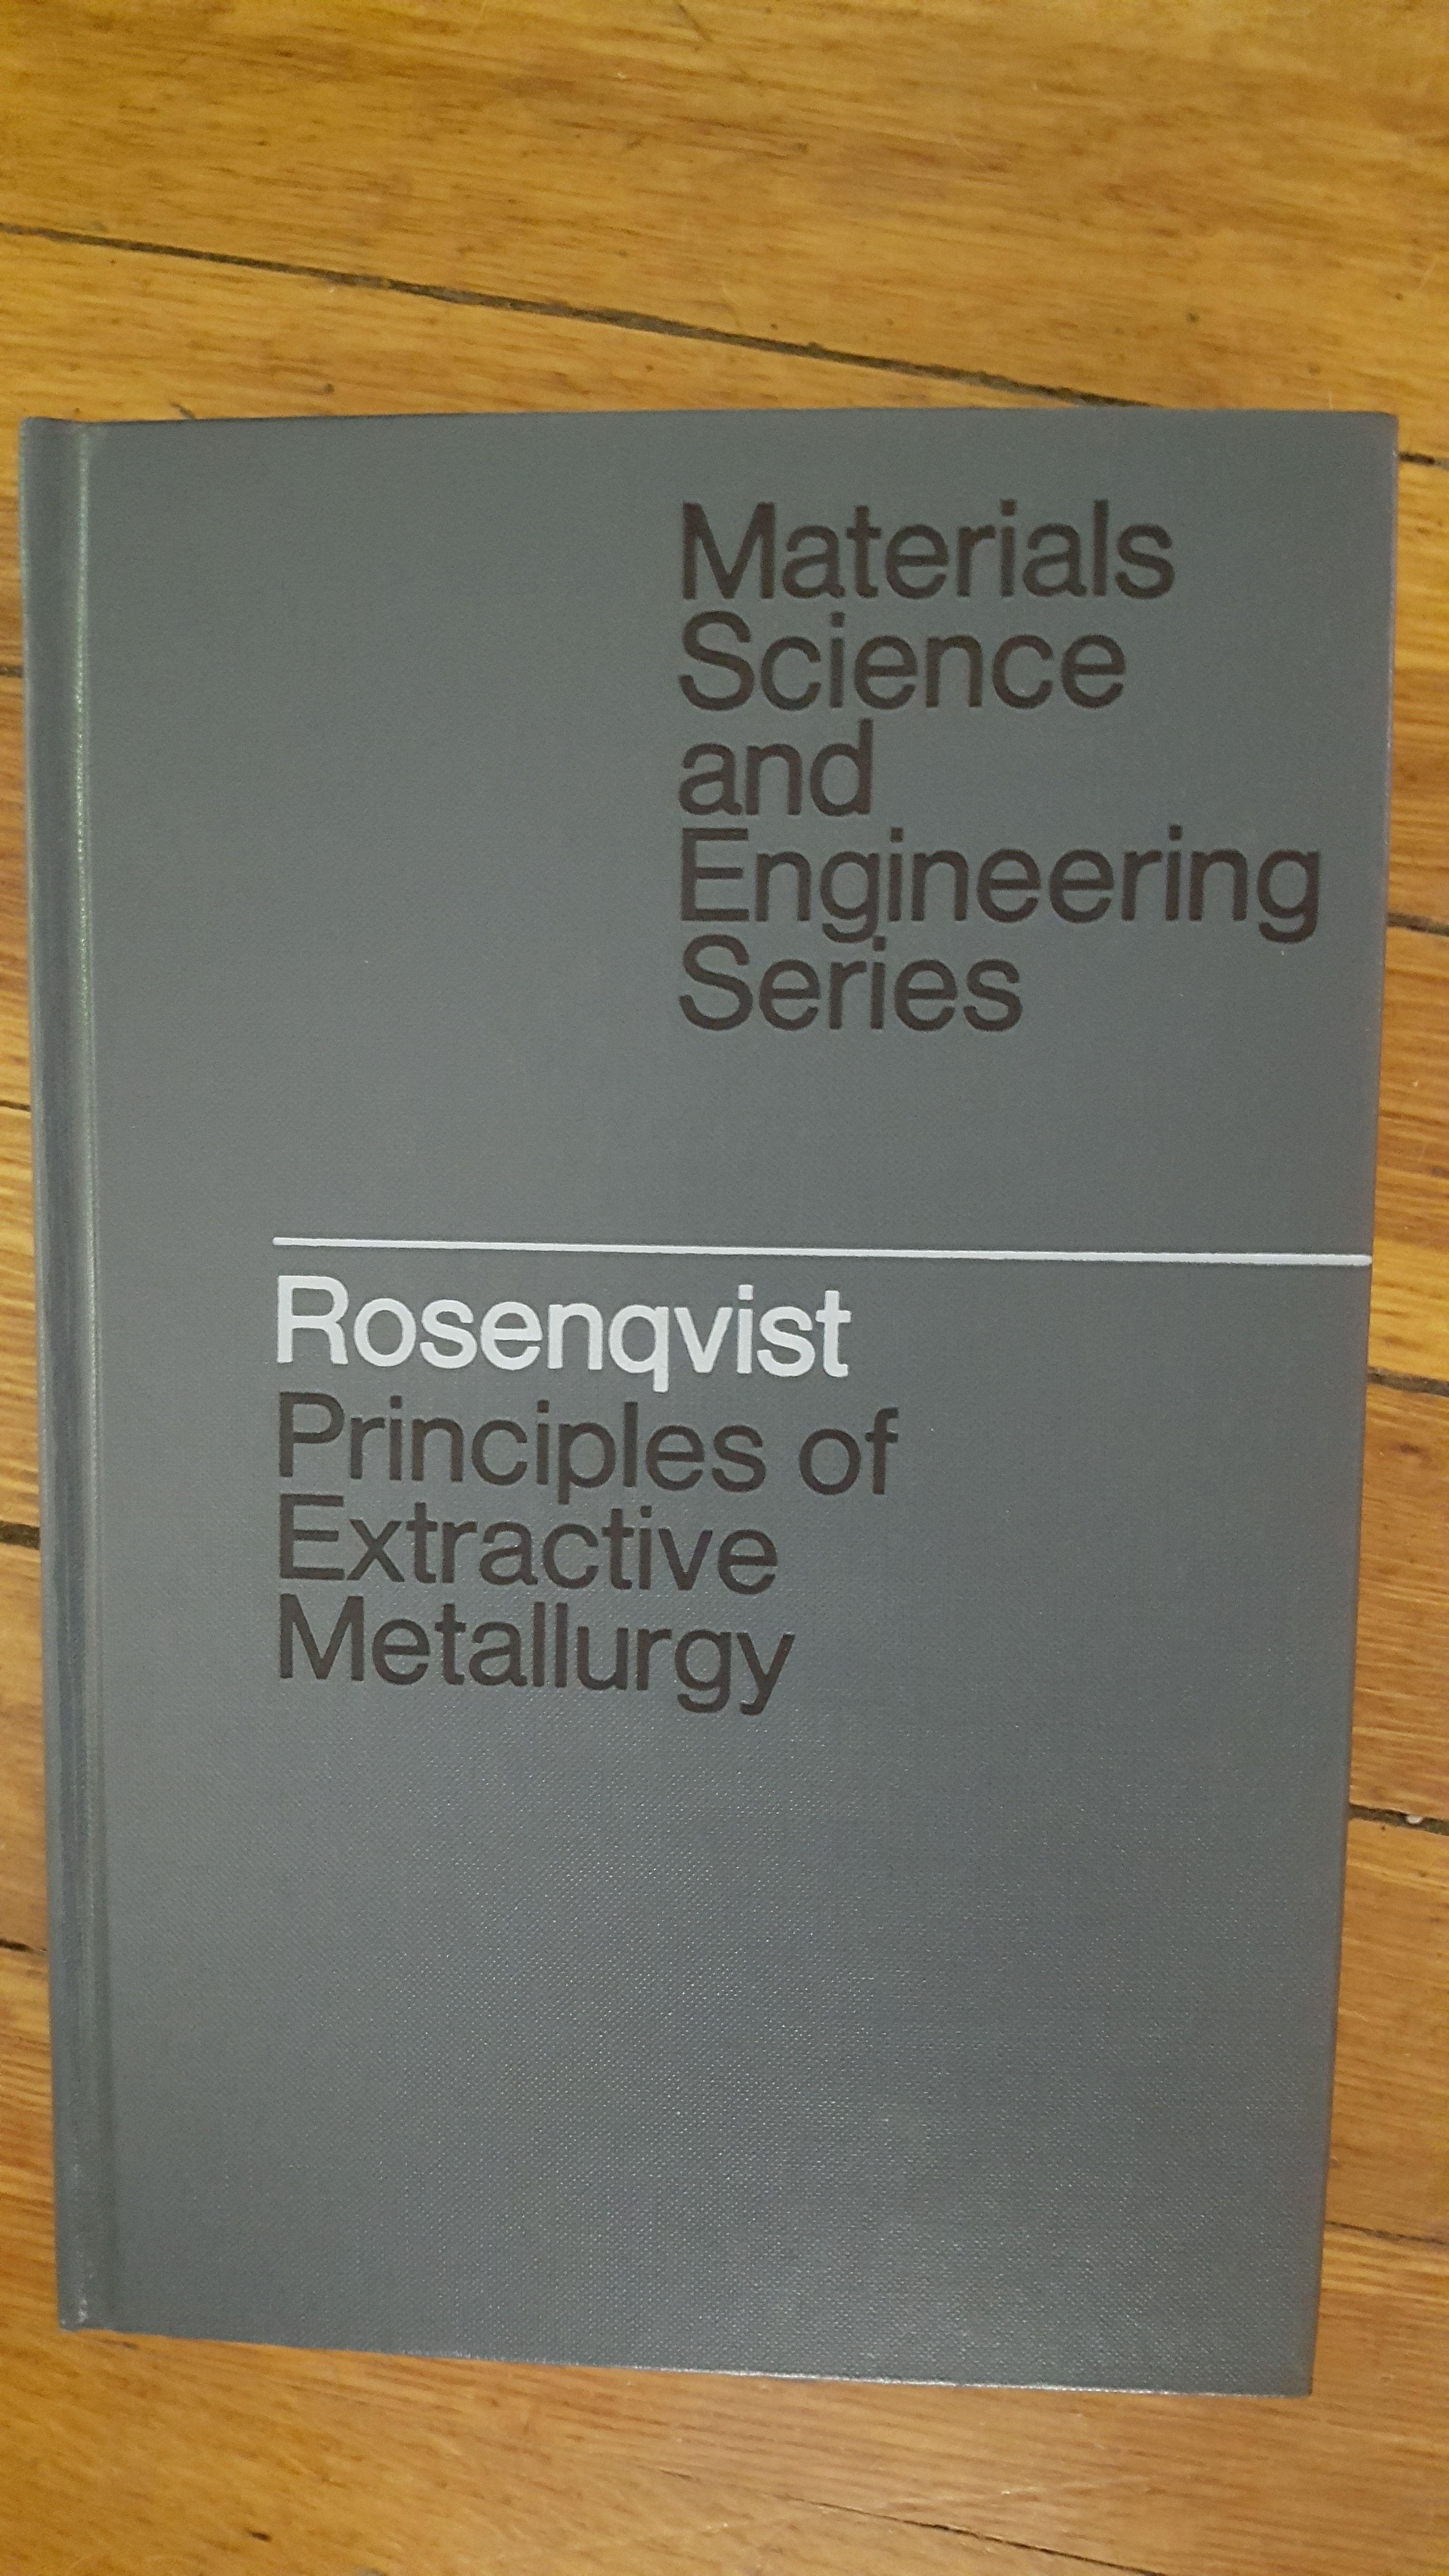 9780070538474 - Principles of extractive metallurgy (McGraw